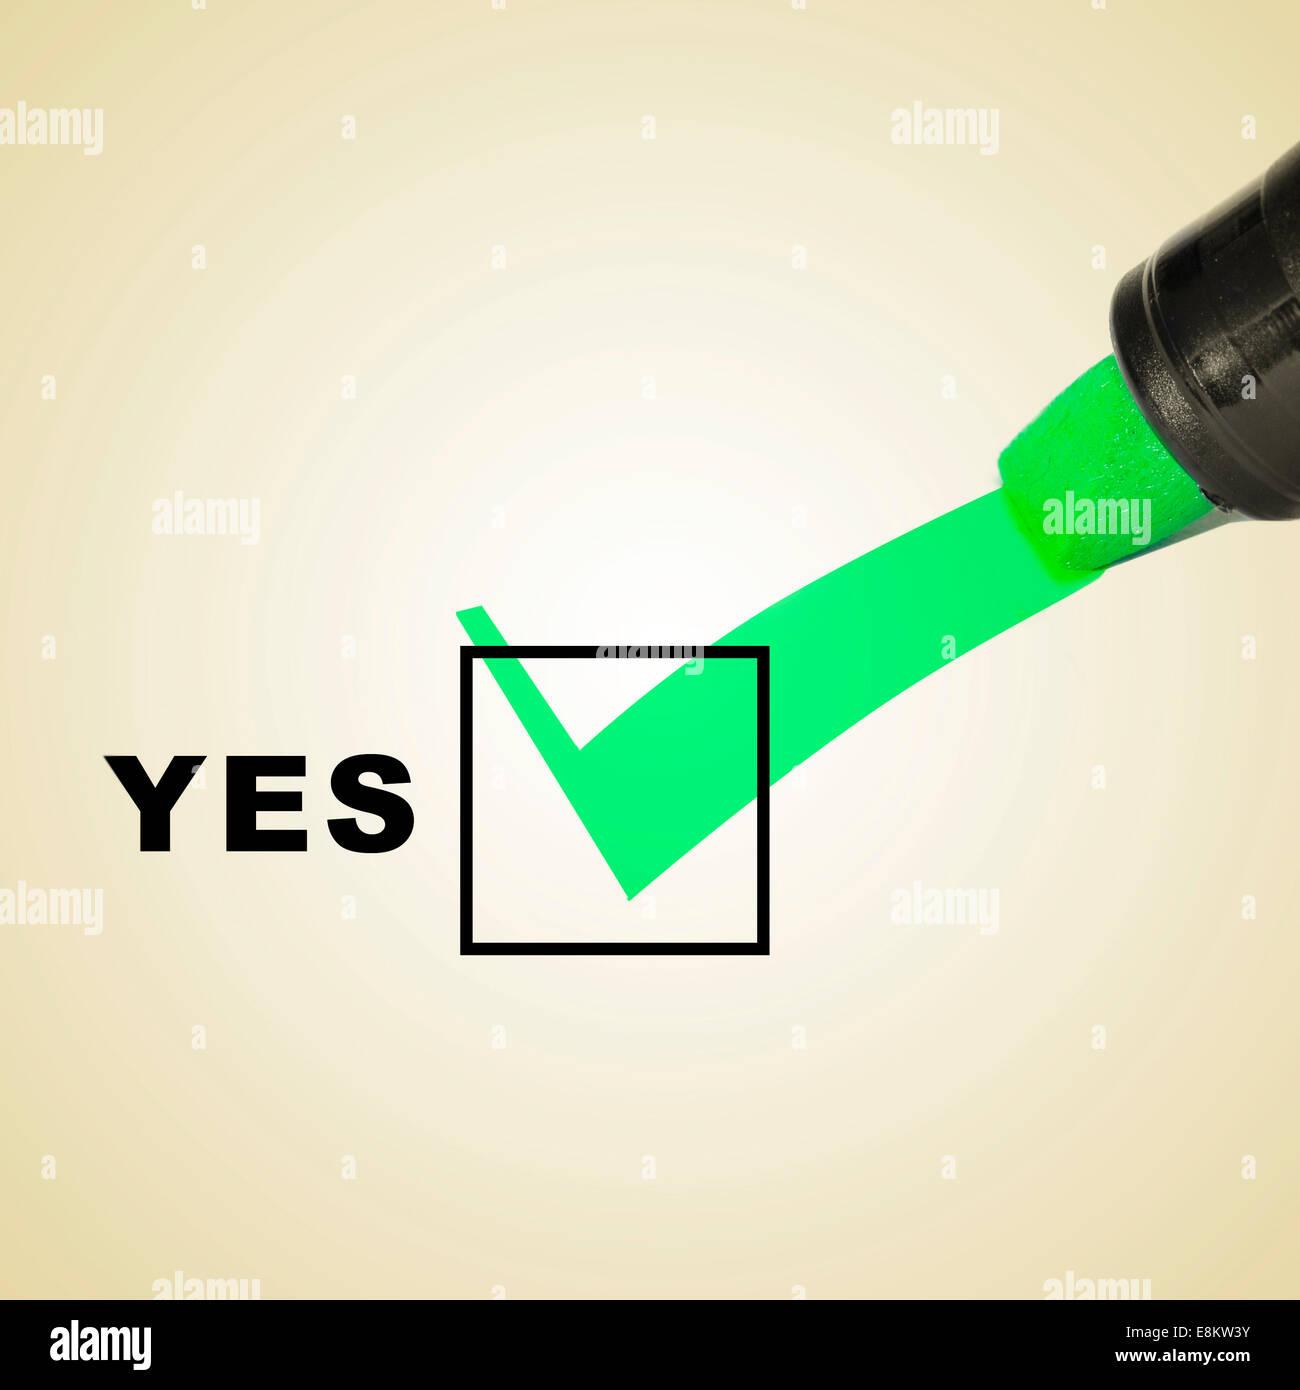 Une marque de dessiné avec un feutre vert sur un checbox avec le mot oui Photo Stock